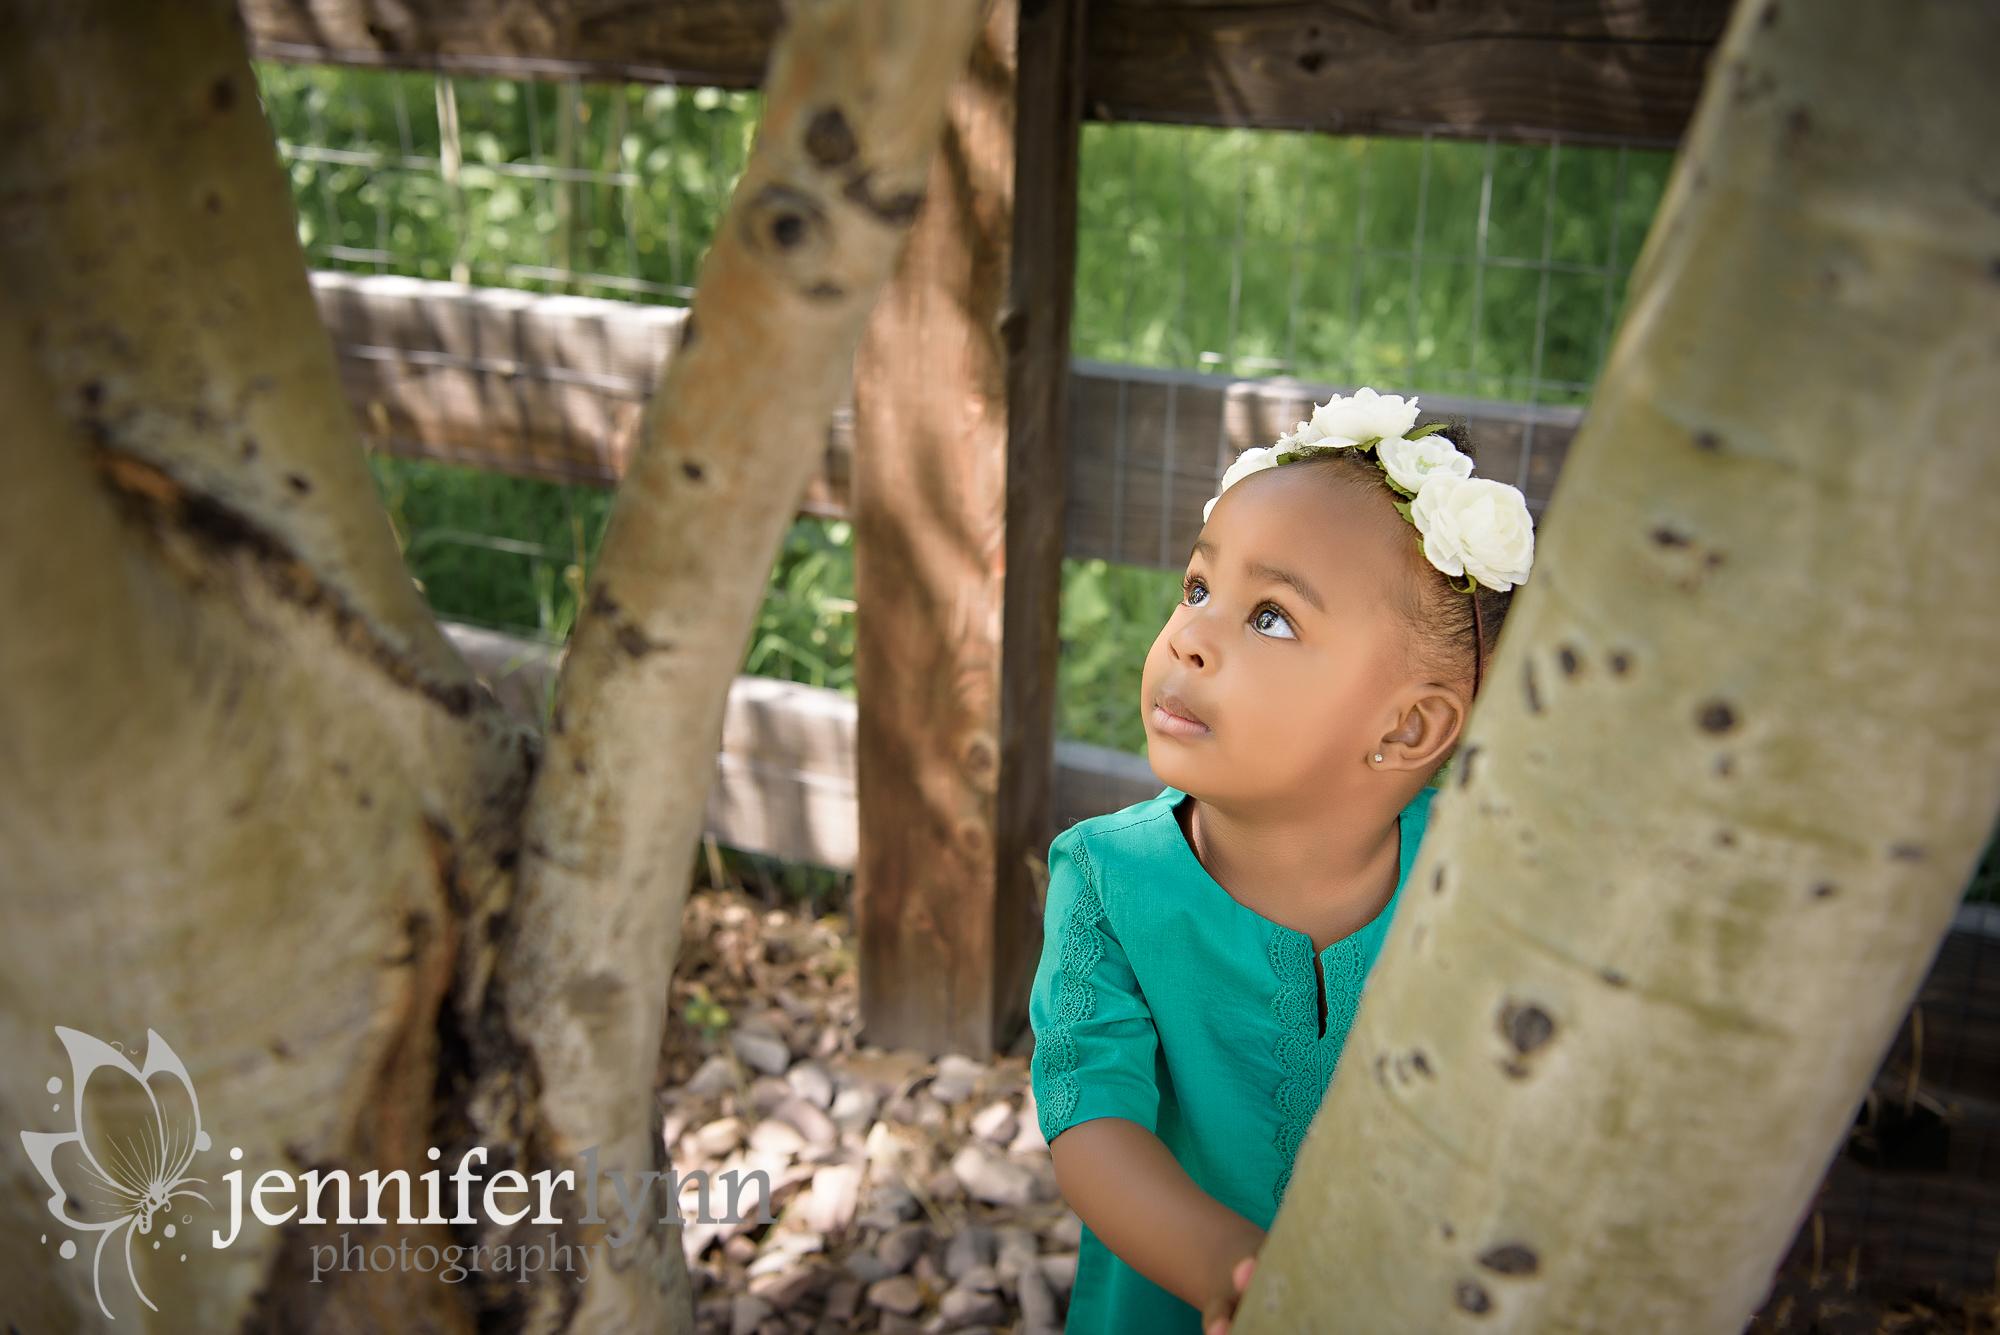 Toddler Girl Outside Aspens Gazing at Light